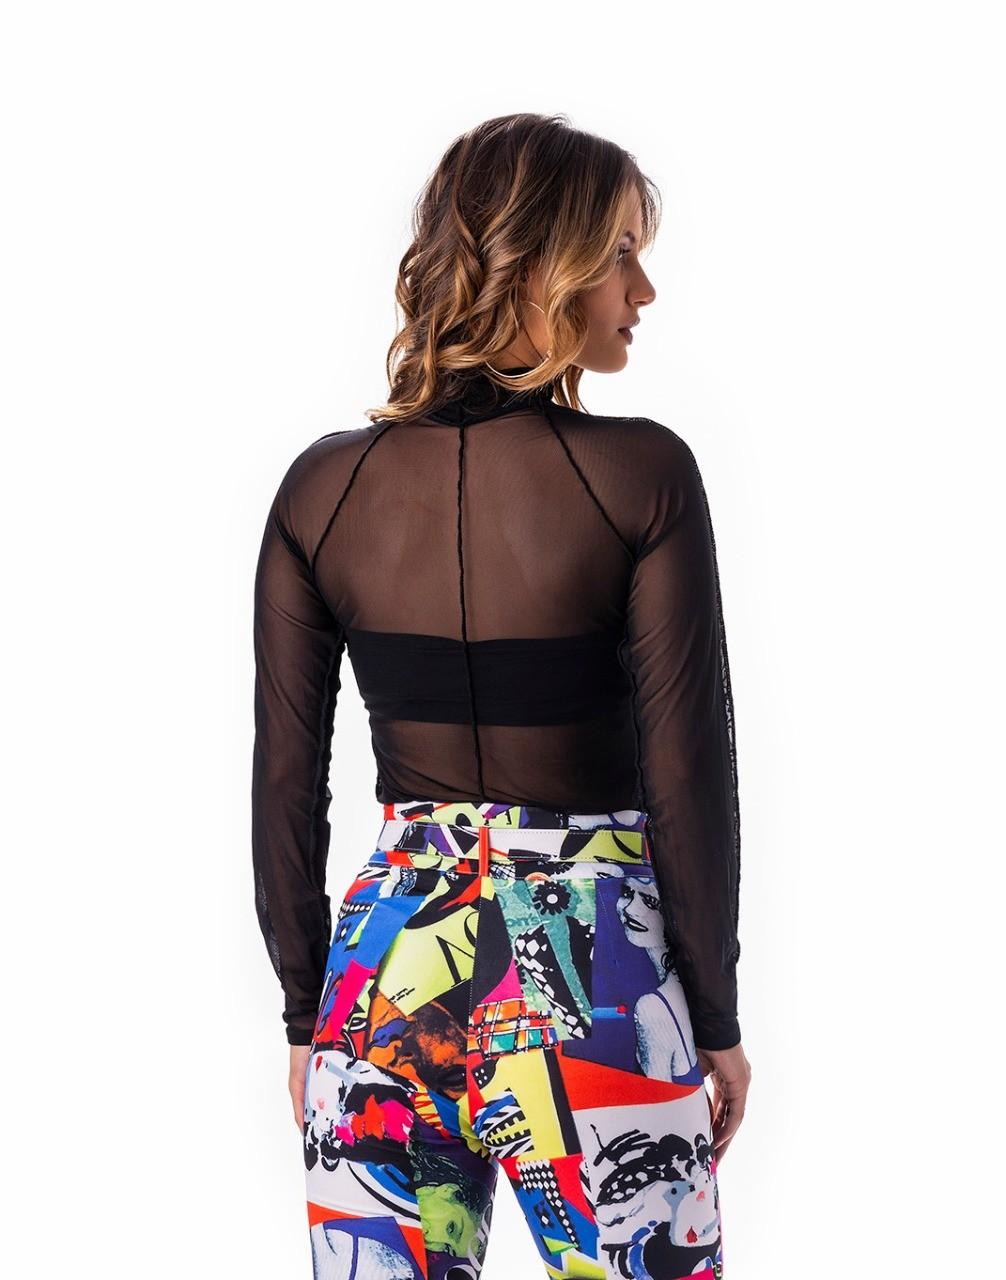 Blusa manga longa com top faixa